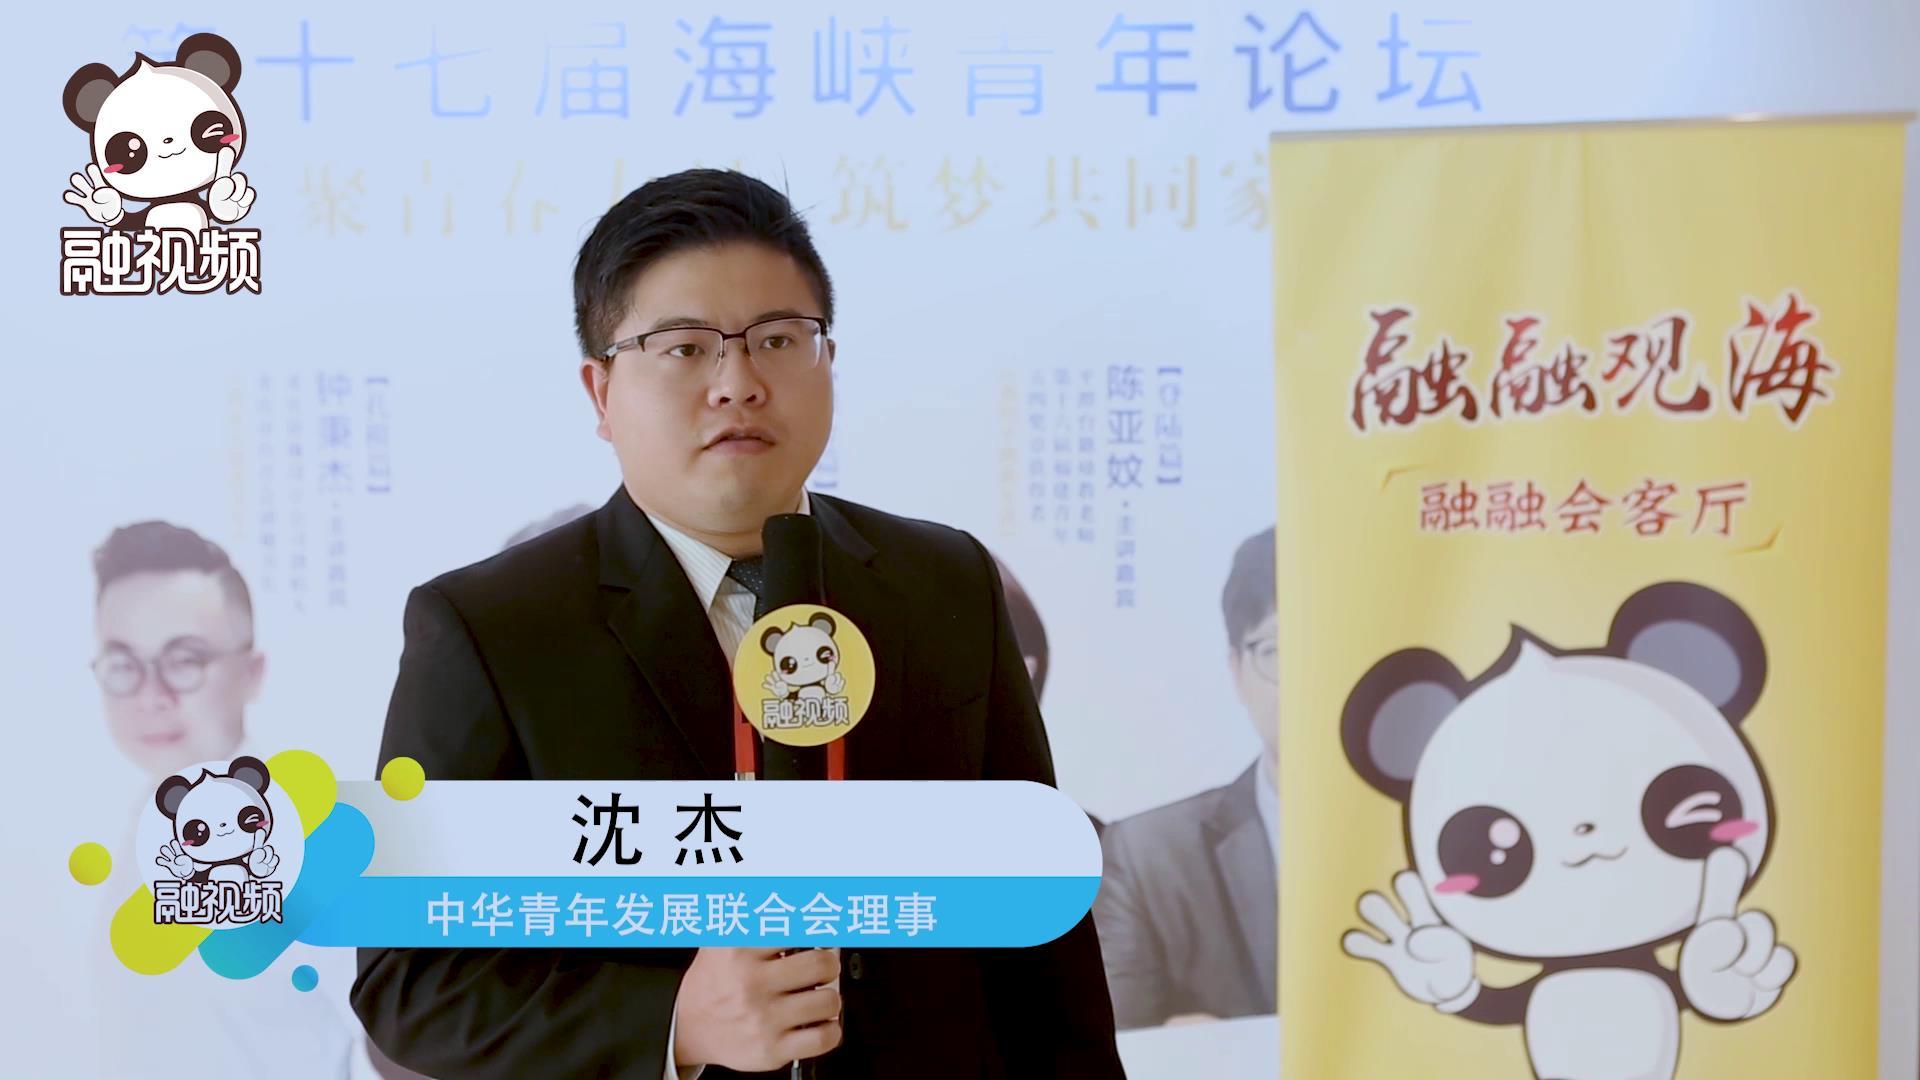 在北京做调解员的台湾青年:海峡论坛让两岸同胞消除误解图片